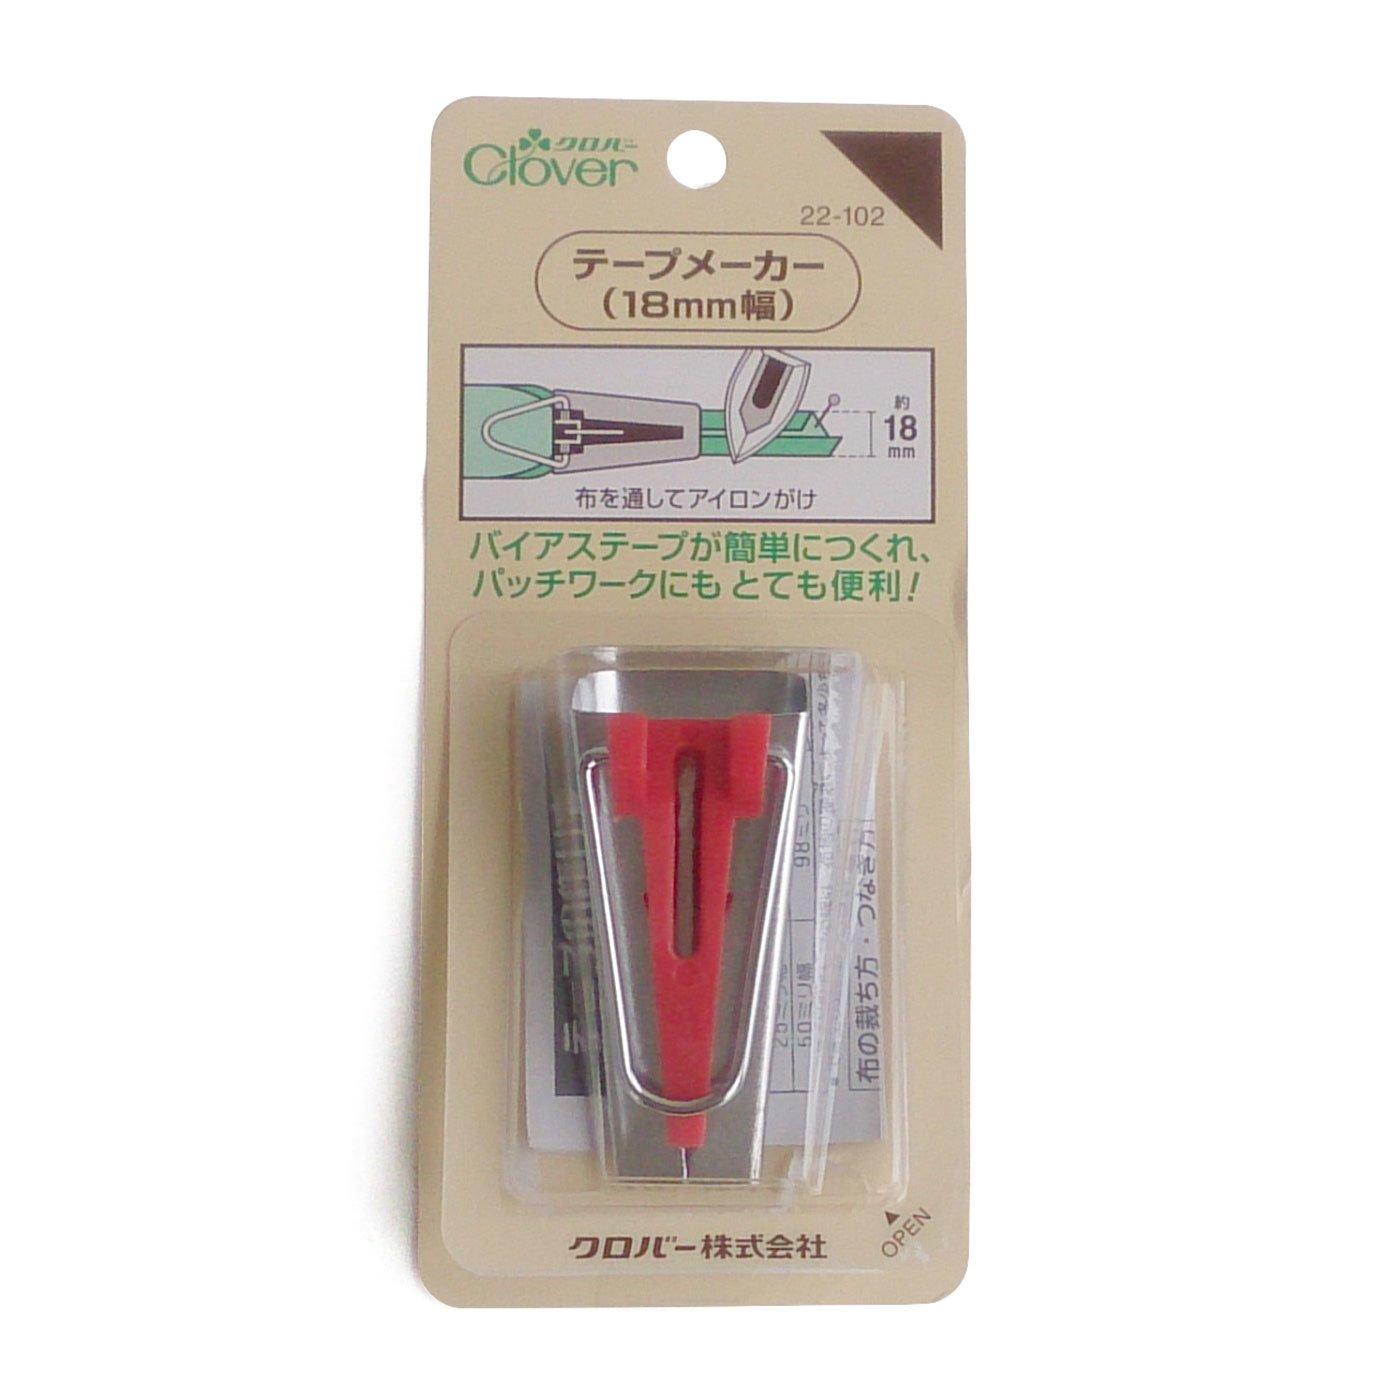 オリジナルバイアステープが作れる テープメーカー(18mm)